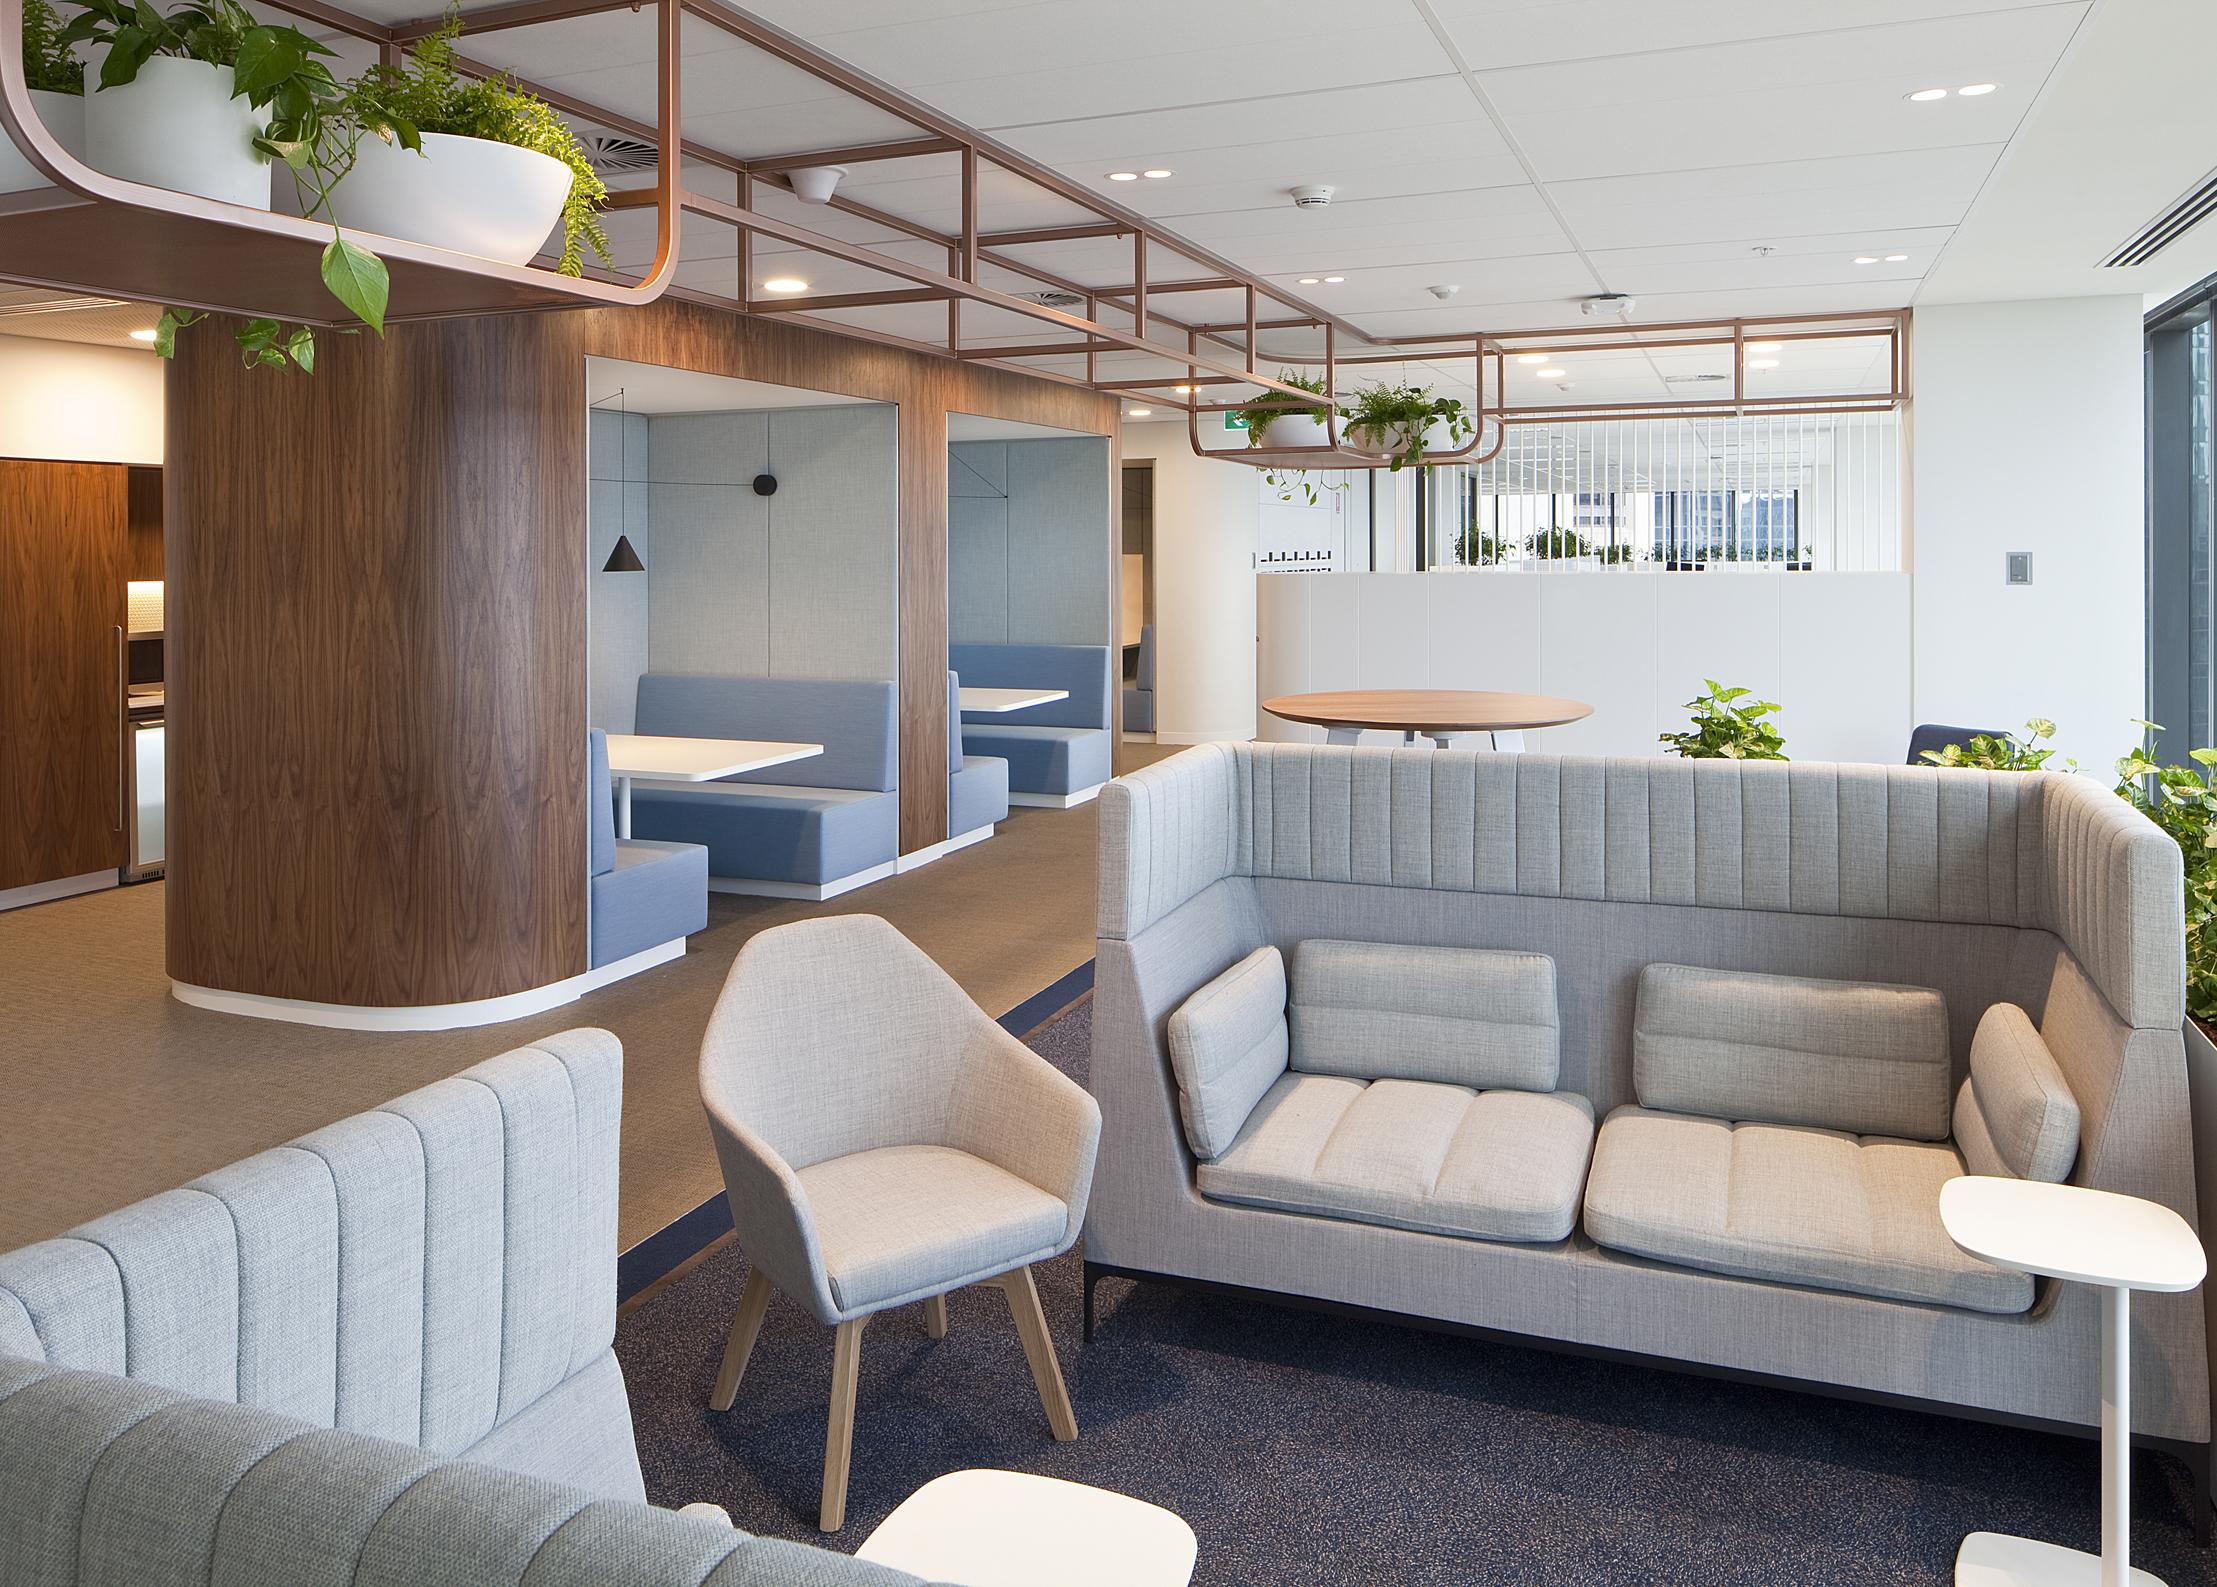 living room led lighting design. LED Lighting Design 24.jpg Living Room Led